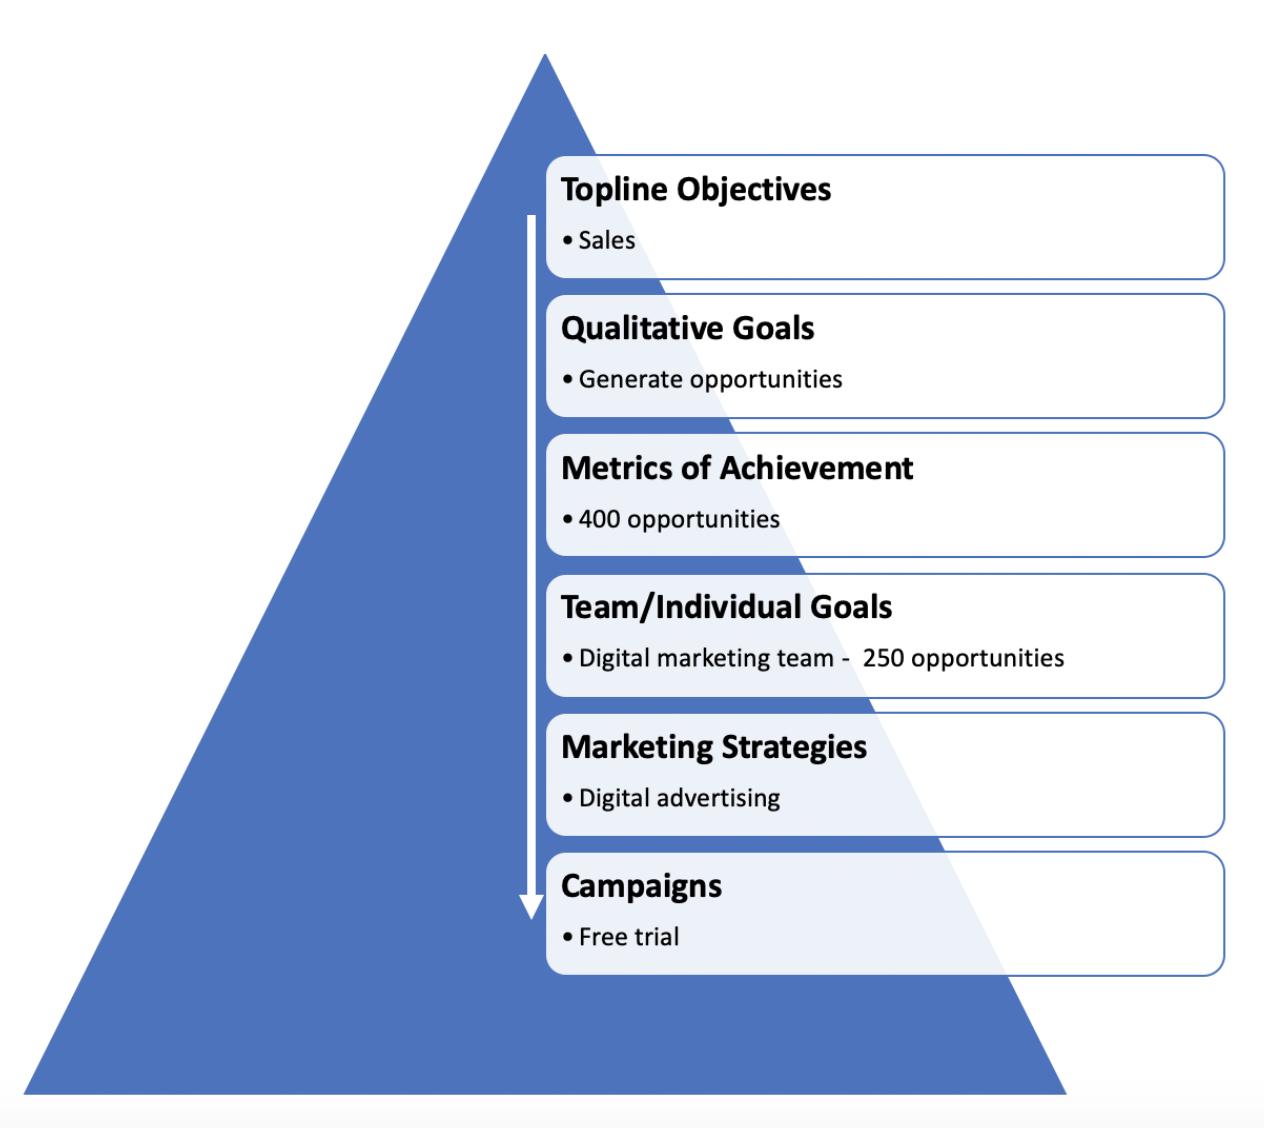 Goals pyramid